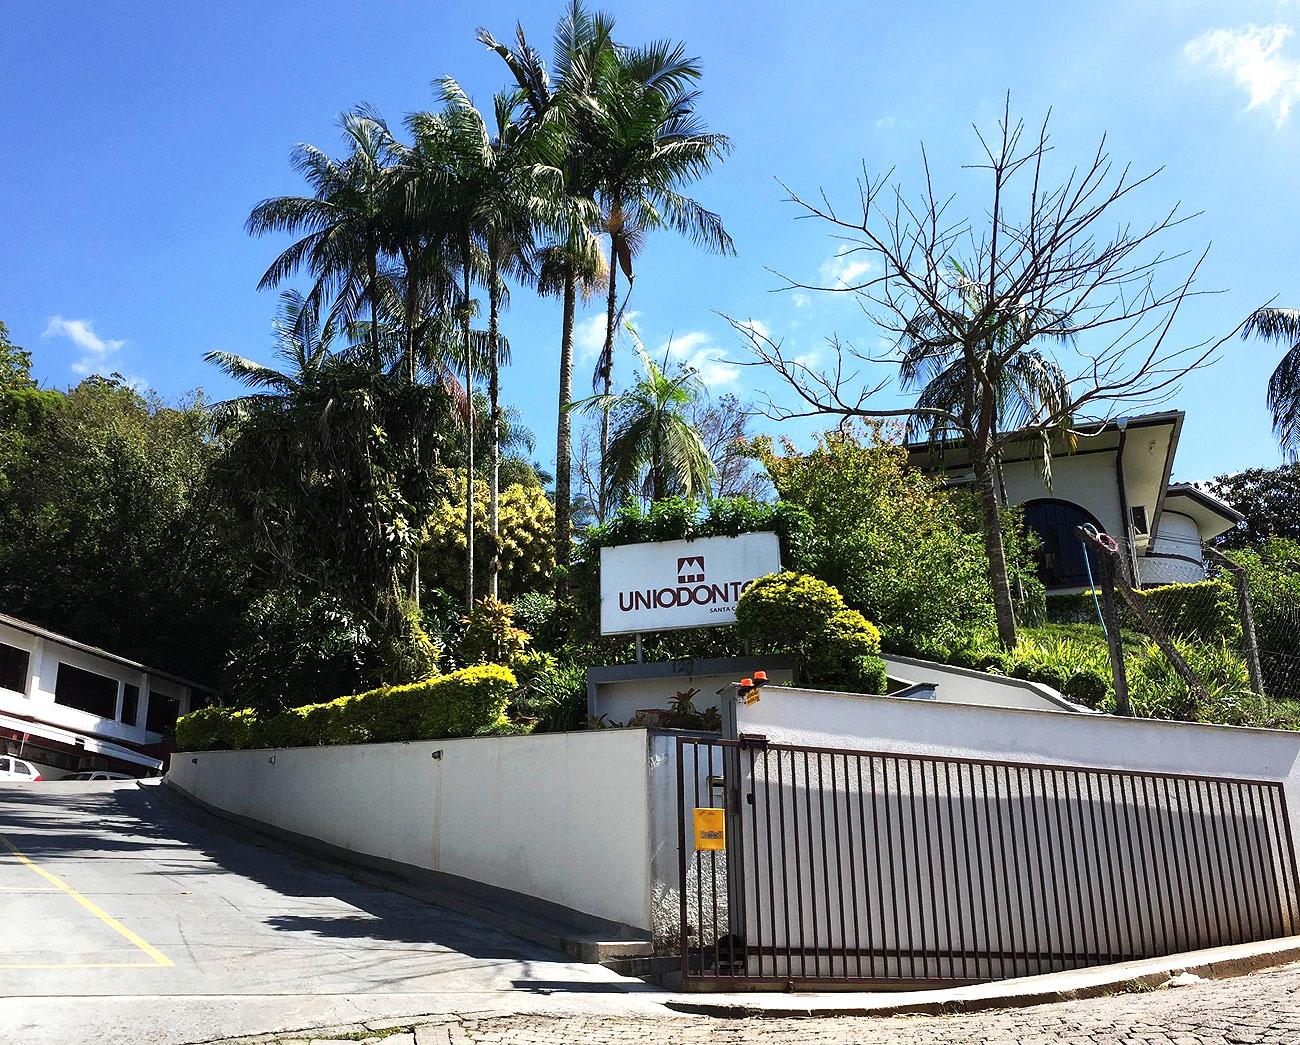 Uniodonto de Santa Catarina